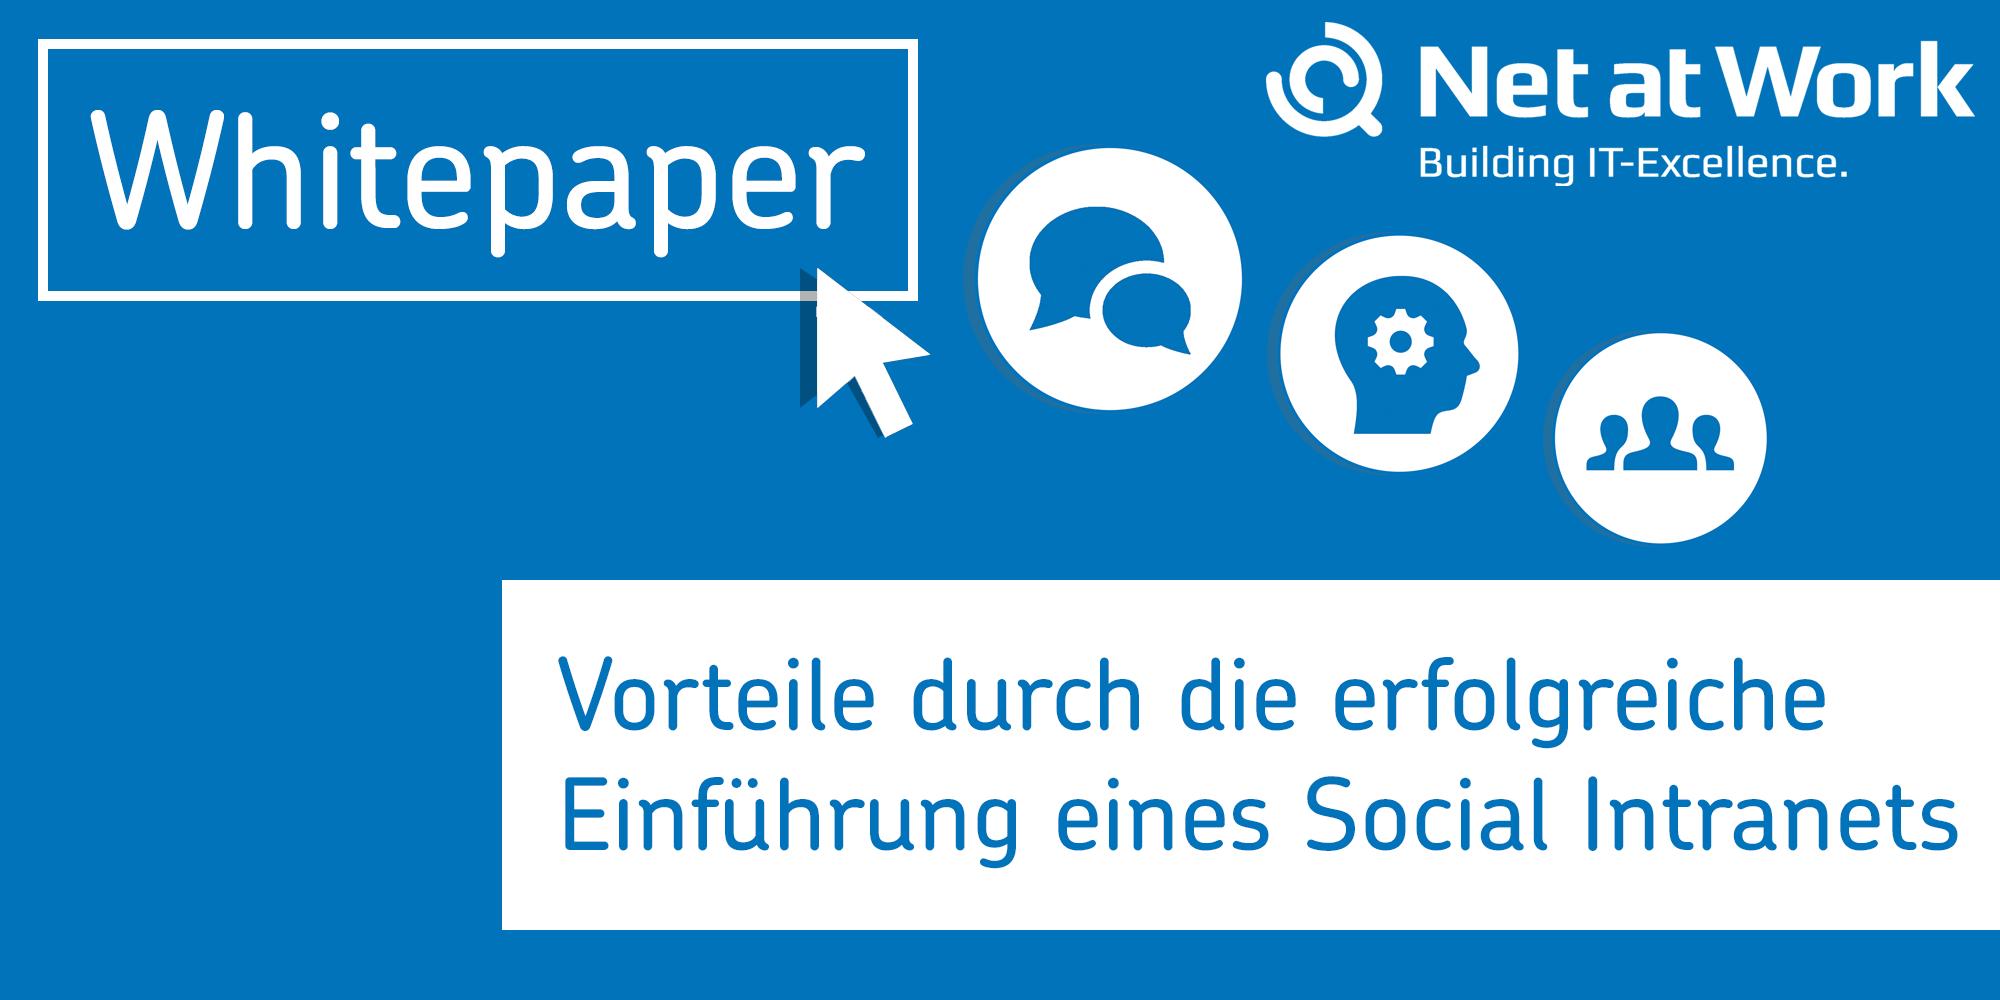 Whitepaper Vorteile durch die erfolgreiche Einführung eines Social Intranets